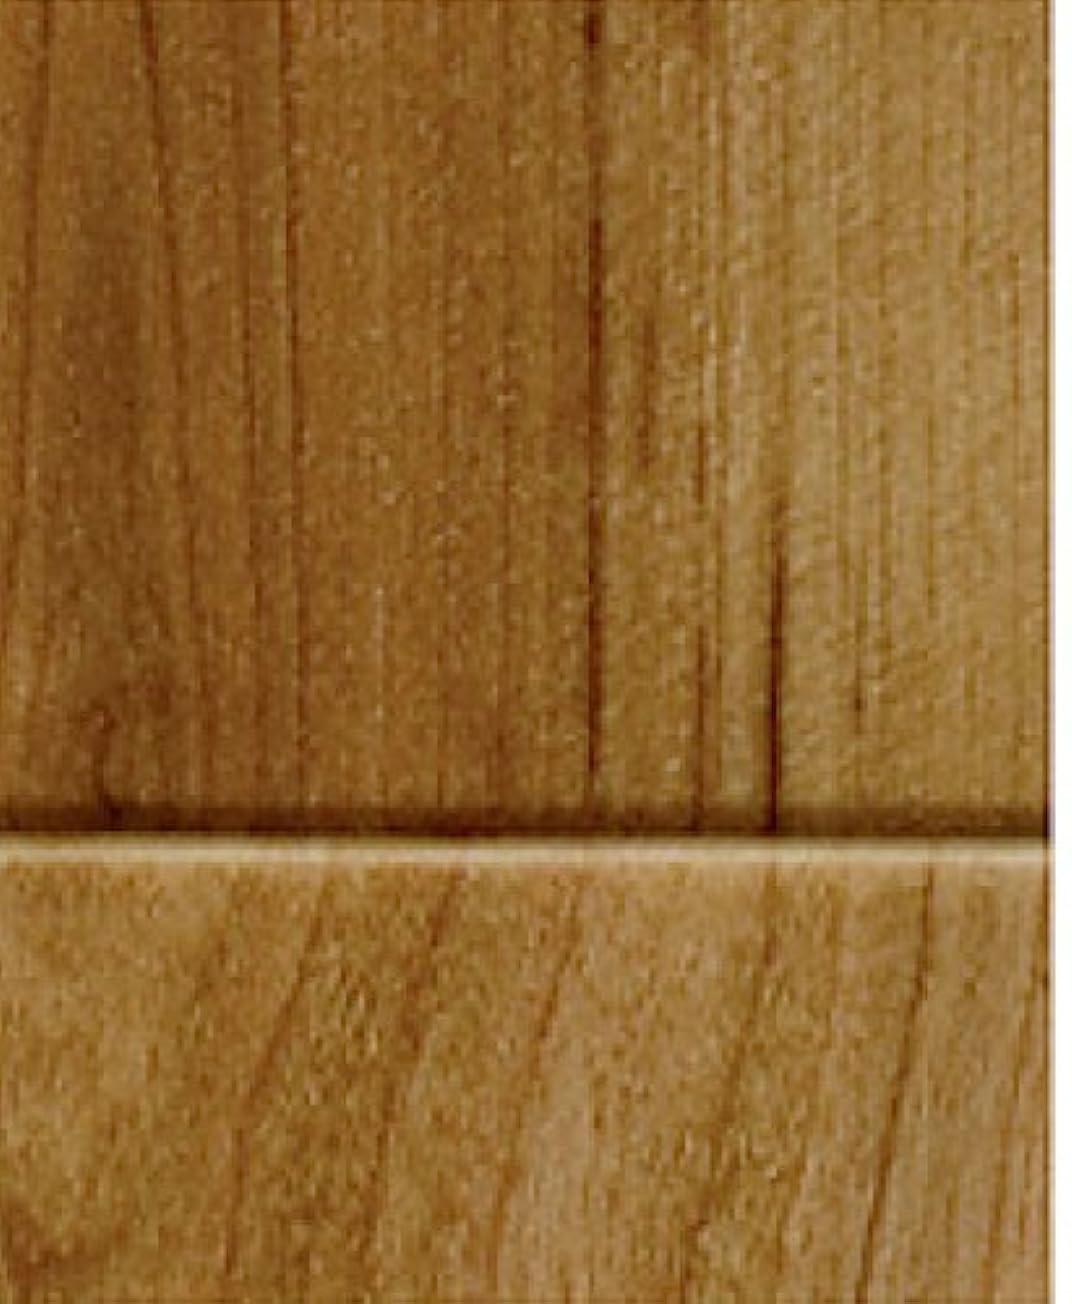 ほかにゆり四回シンコール 住宅用クッションフロア Ponleum 石目 ストーン調 ミカゲ 御影石調 ( 巾1.8m 長さ1m x ご注文数) 型番: E6070 03M